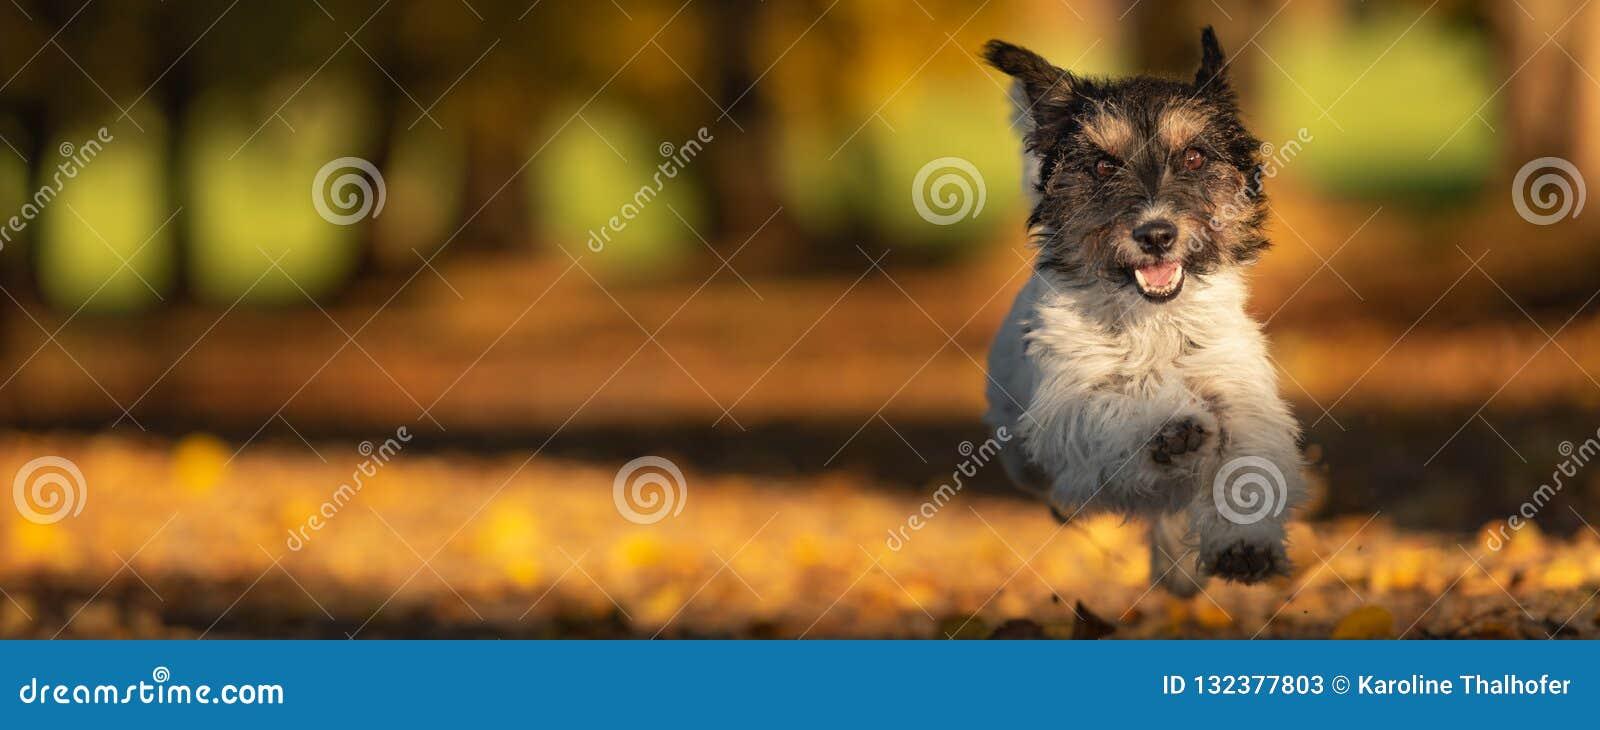 Entzückende Jack Russell Terrier läuft in einen bunten Herbstwald